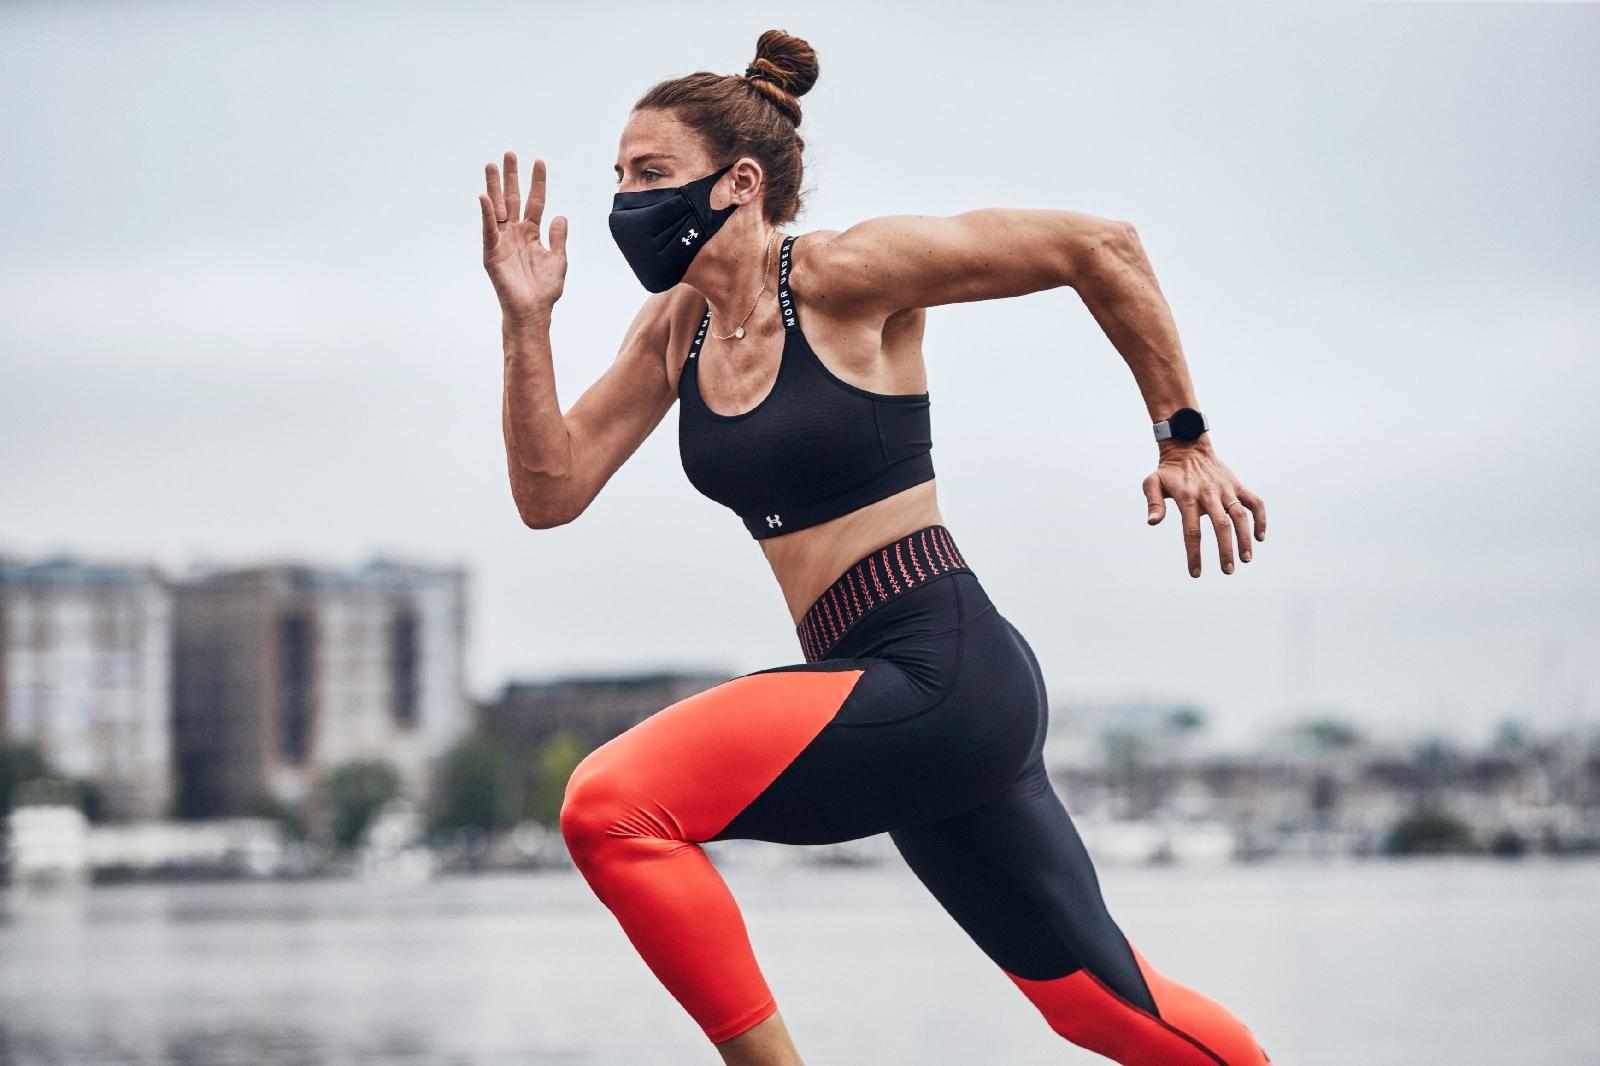 UA SPORTSMASK สุดยอดหน้ากากผ้าสำหรับนักกีฬา